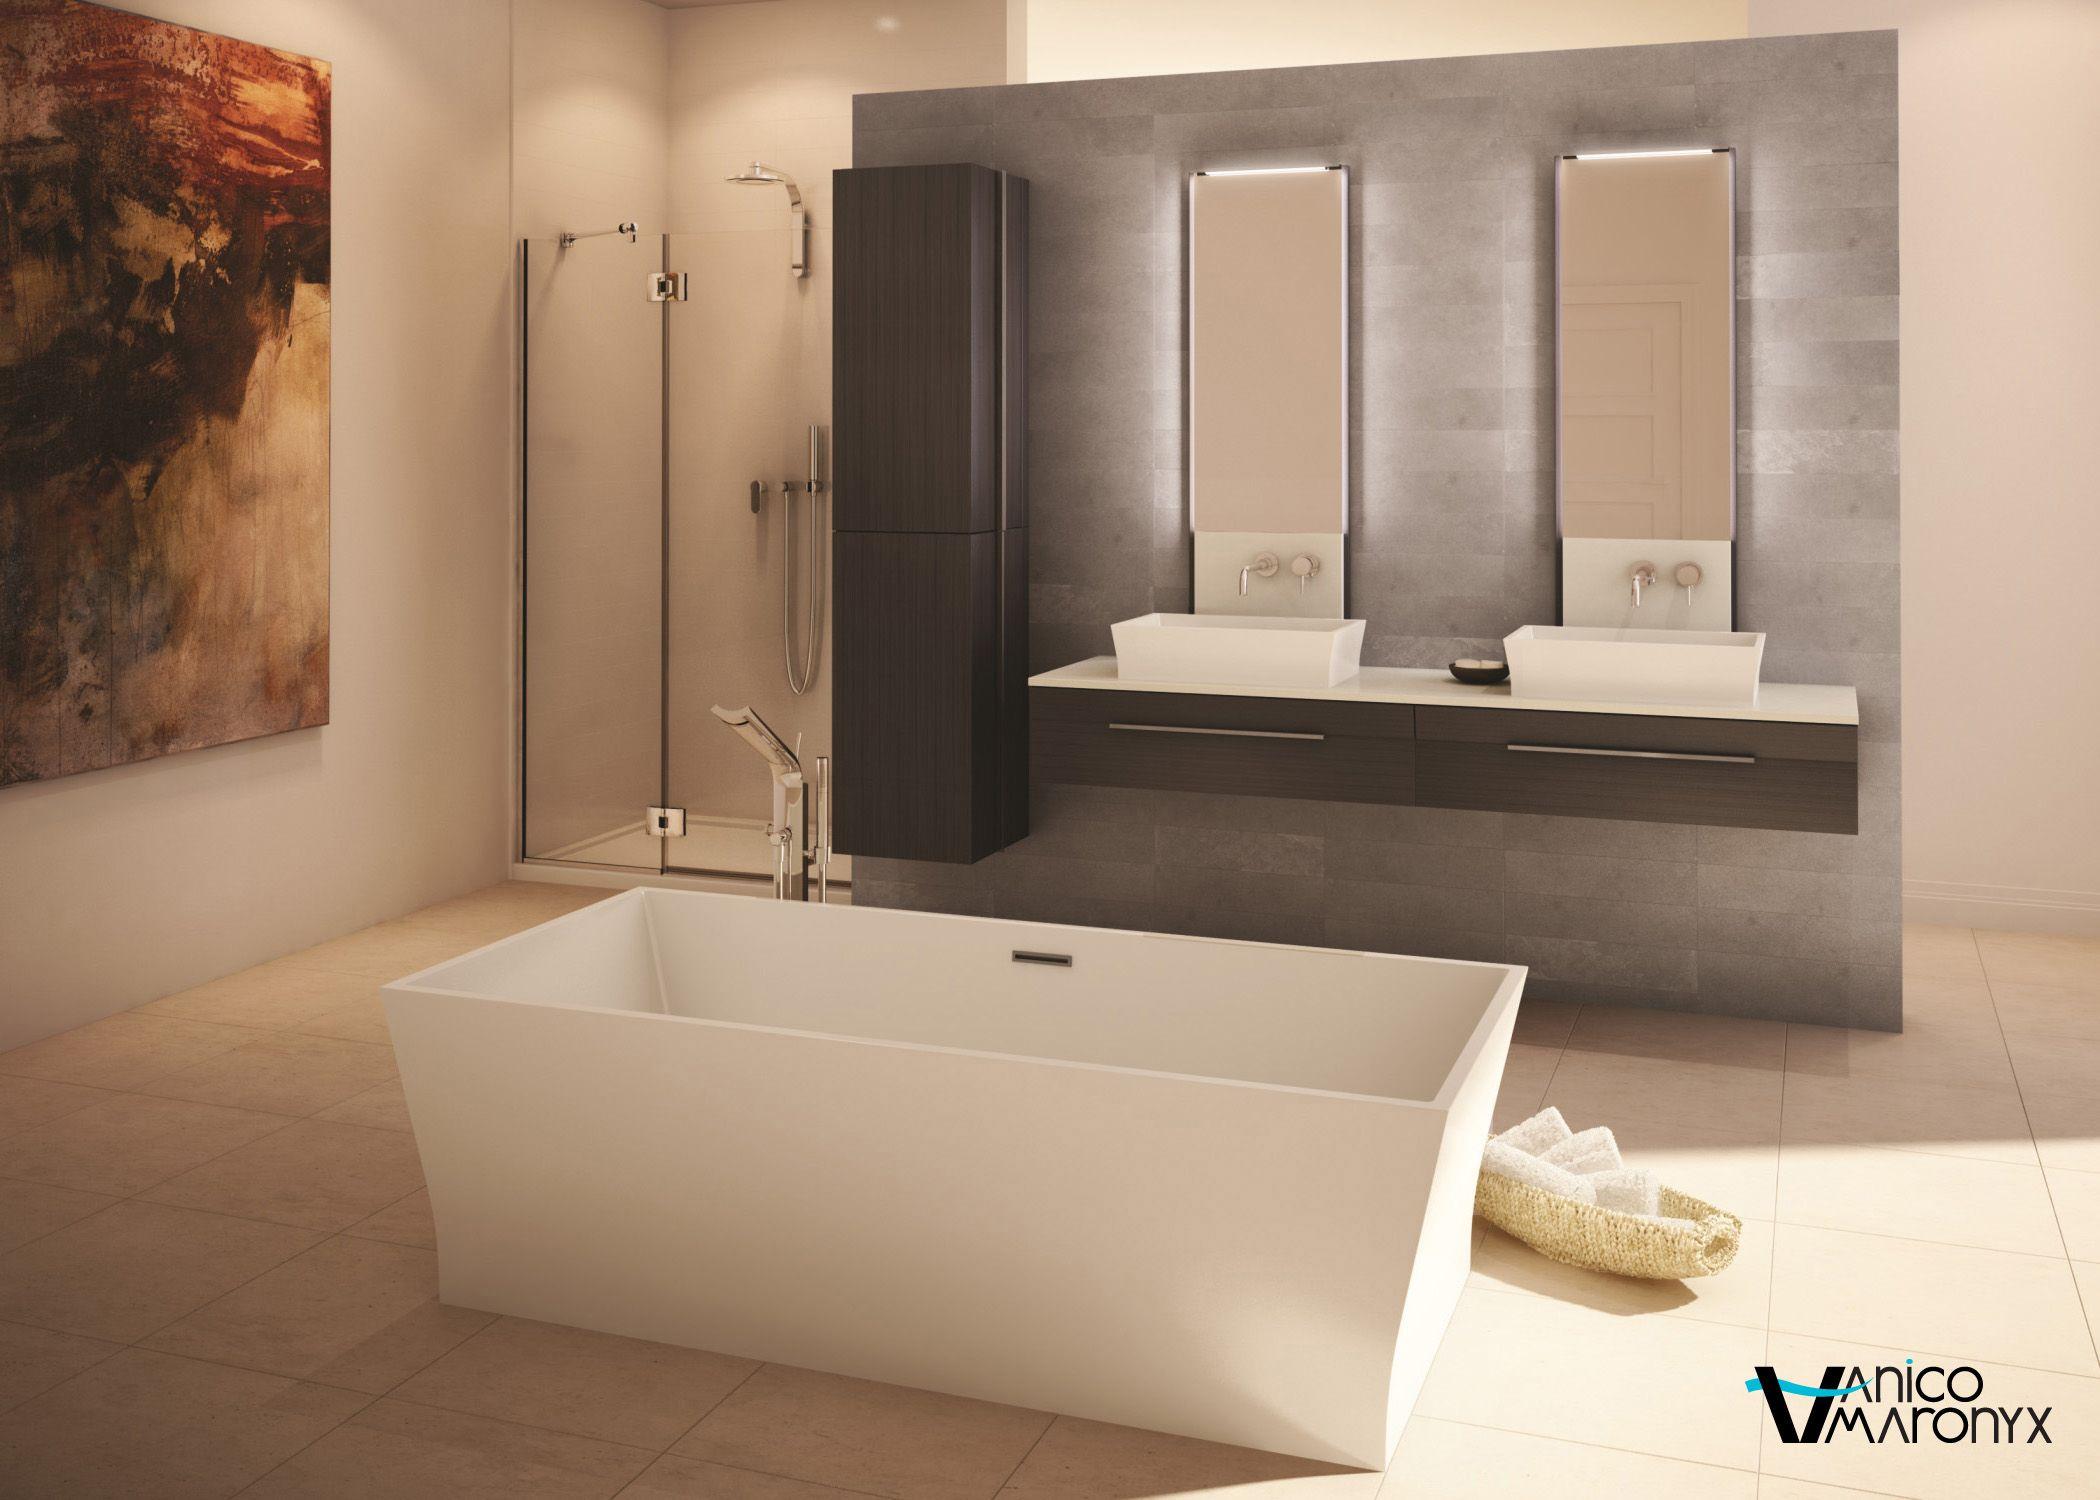 Vanite Salle De Bain Ciot ~ mobilier de salle de bain soho de la s rie loft vanico maronyx